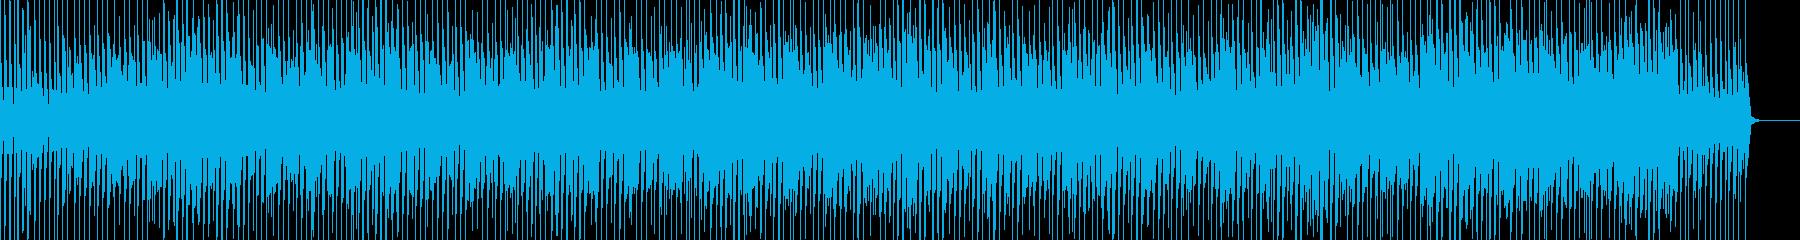 疾走感あふれるロックチューンの再生済みの波形